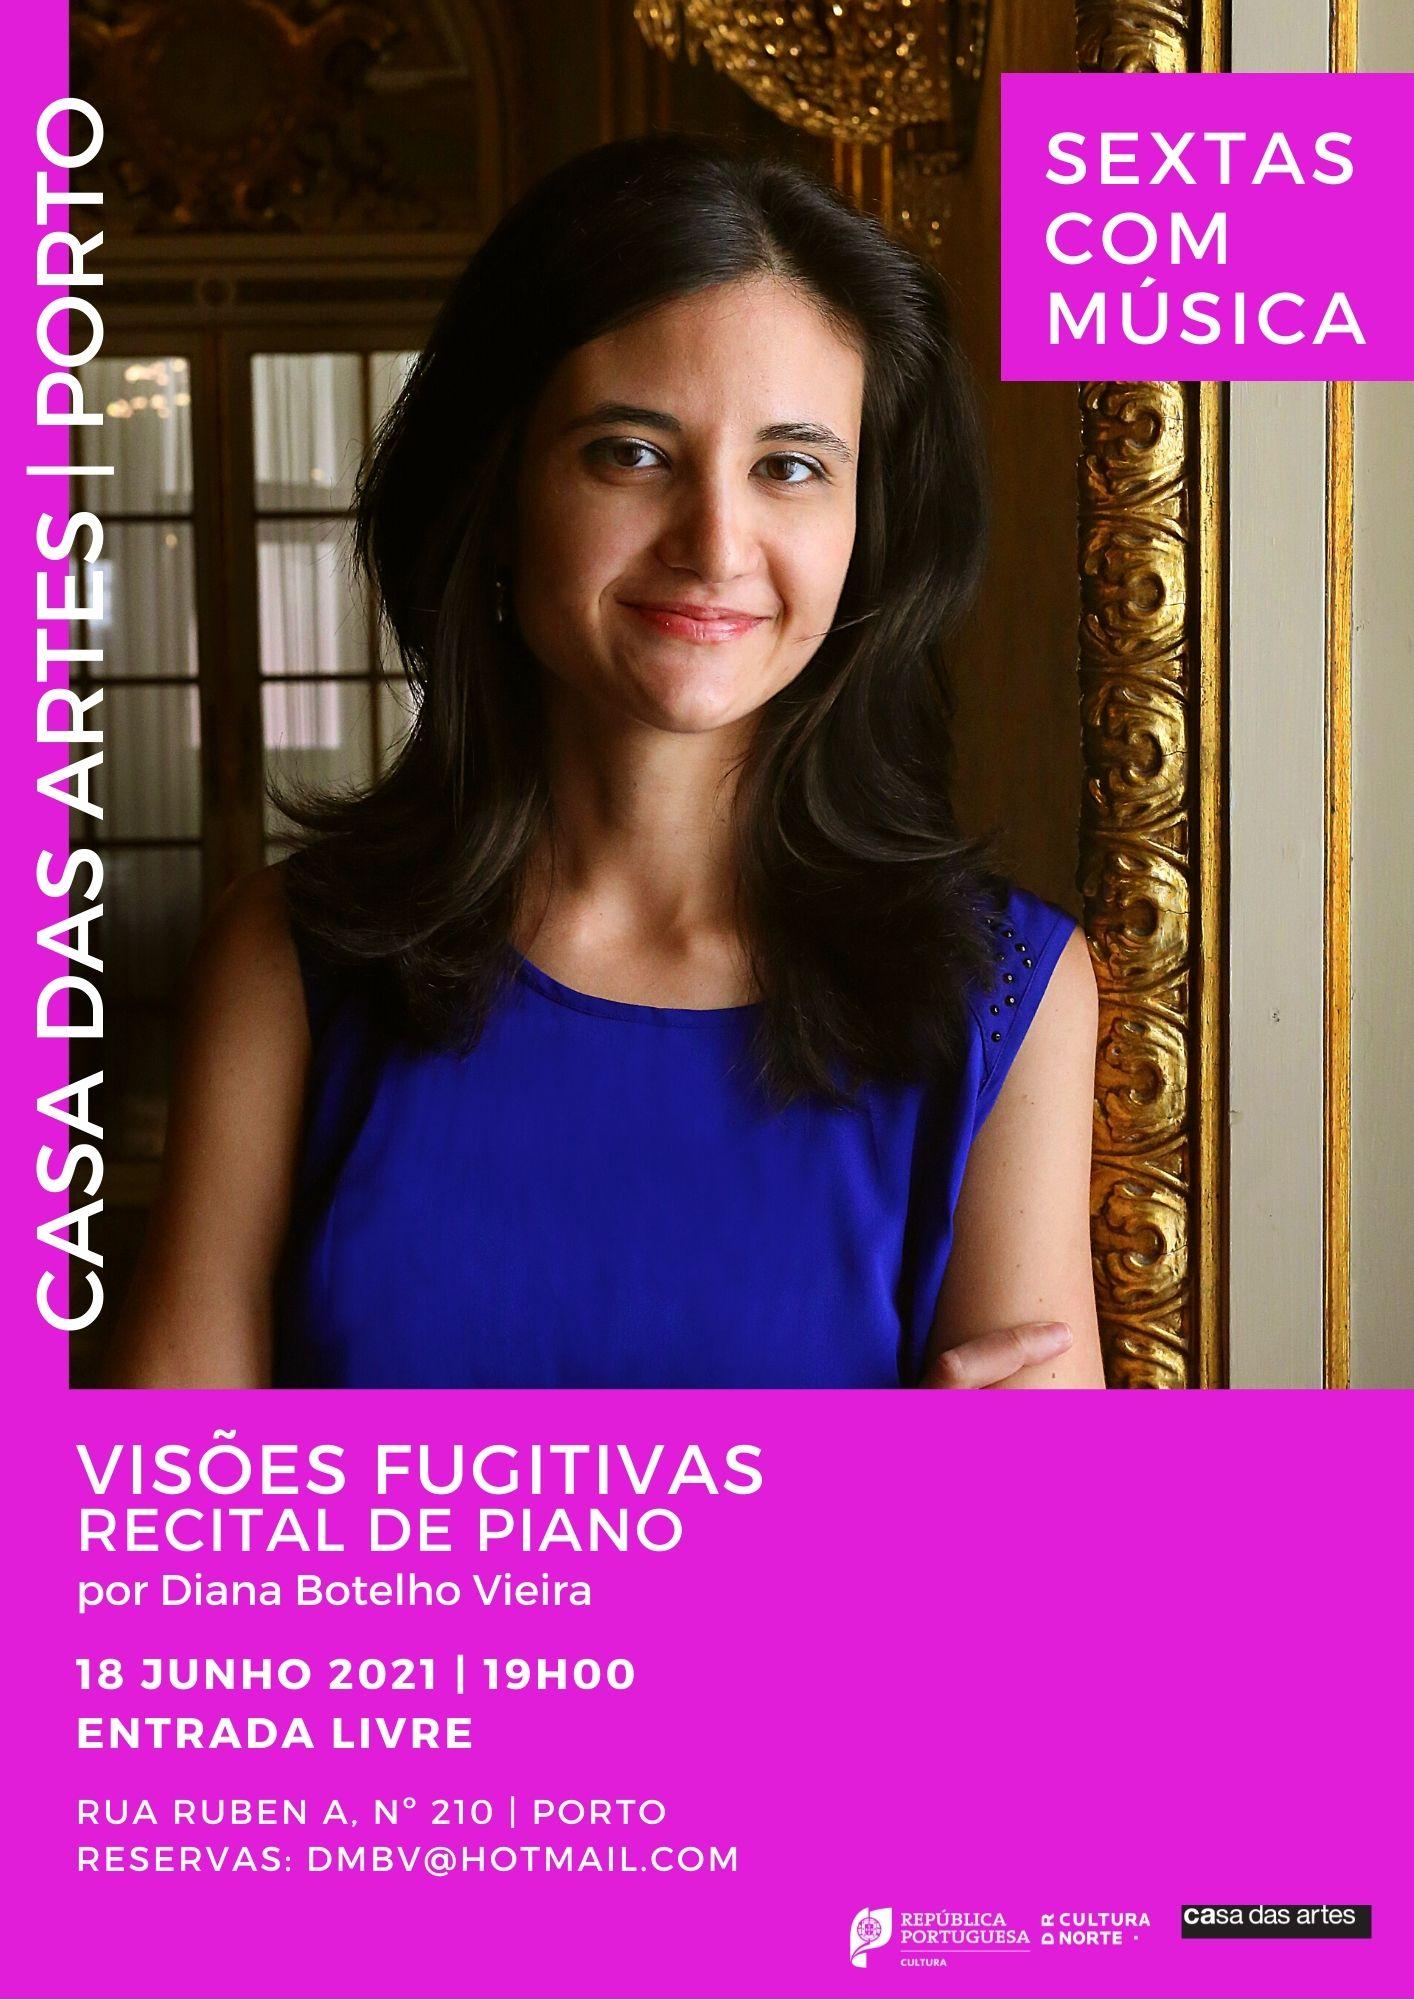 Sextas com música - Recital de Piano com Diana Botelho Vieira 'Visões Fugitivas'